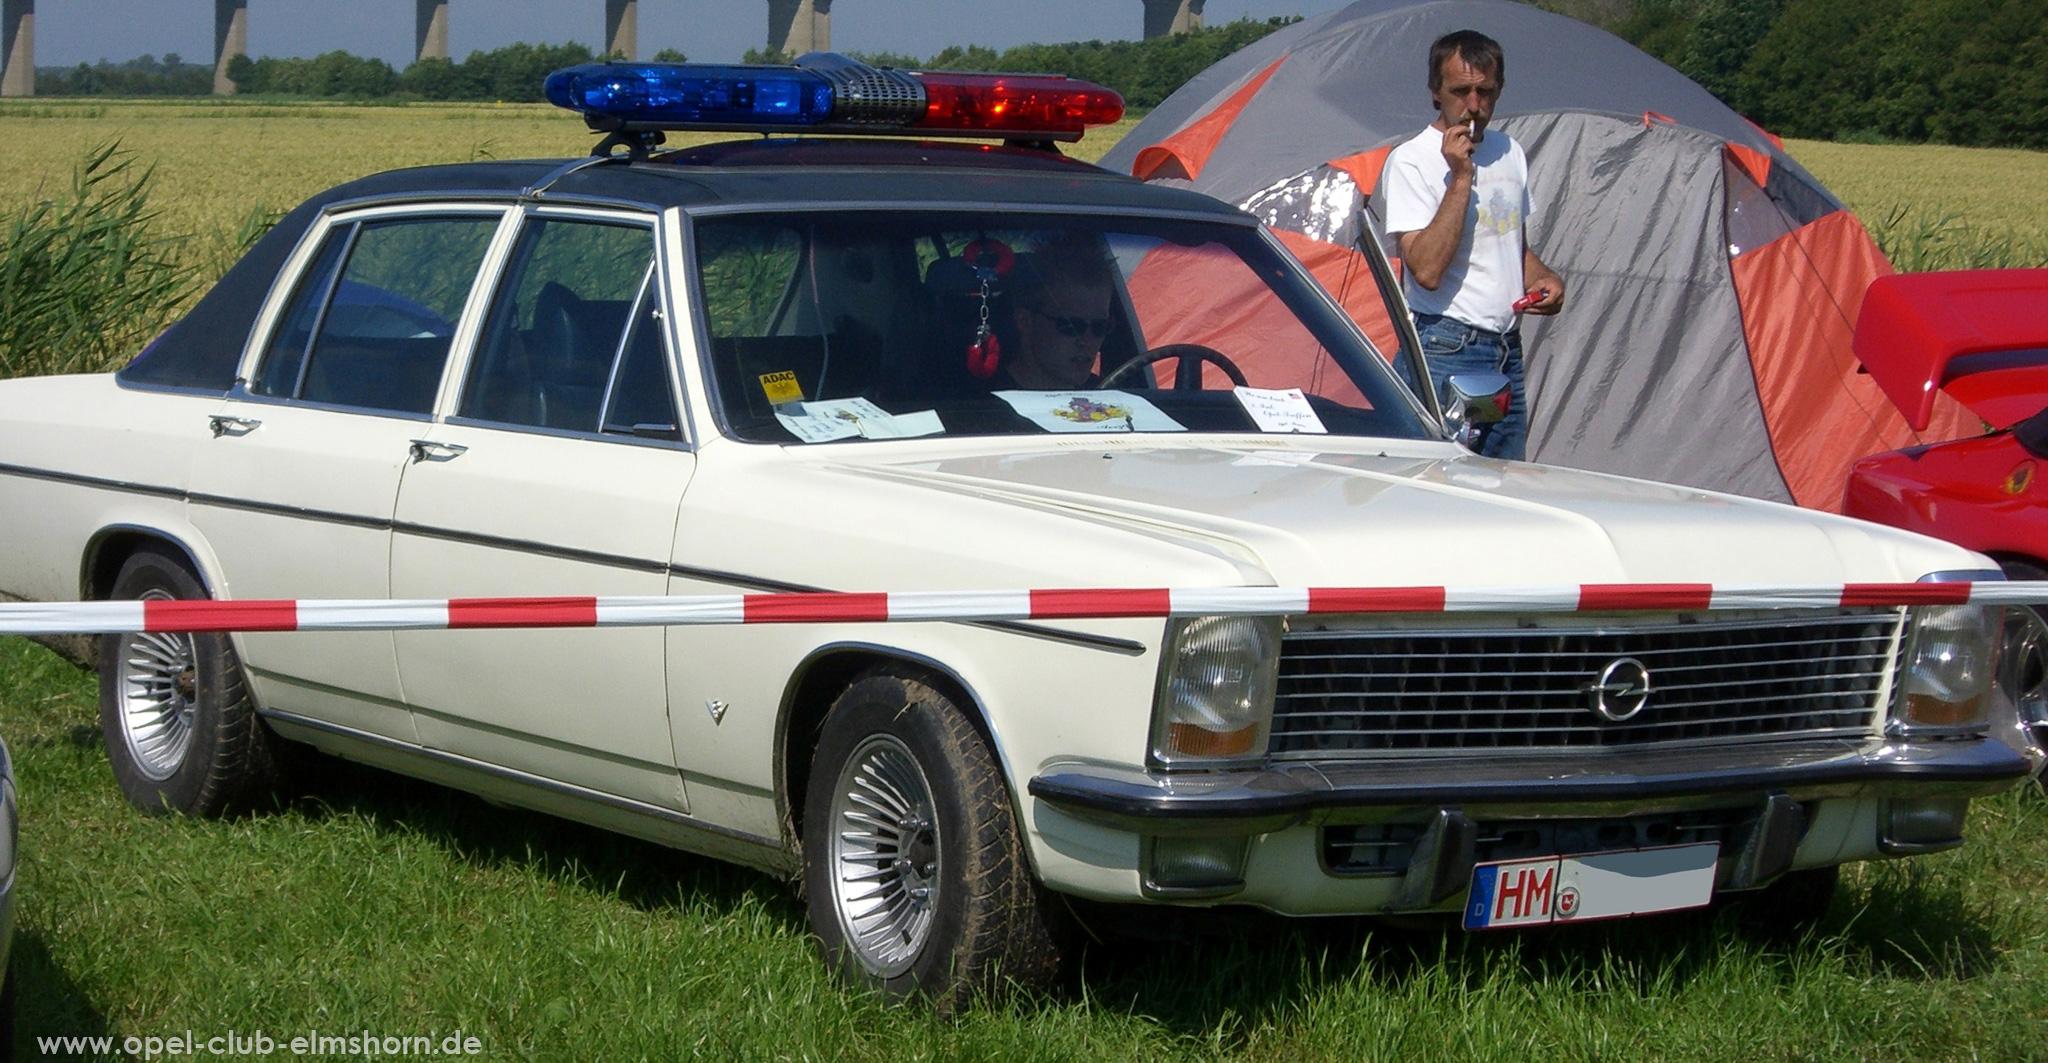 Opeltreffen Brunsbüttel Opelfreunde 2008 - 20080704_162440 - Diplomat